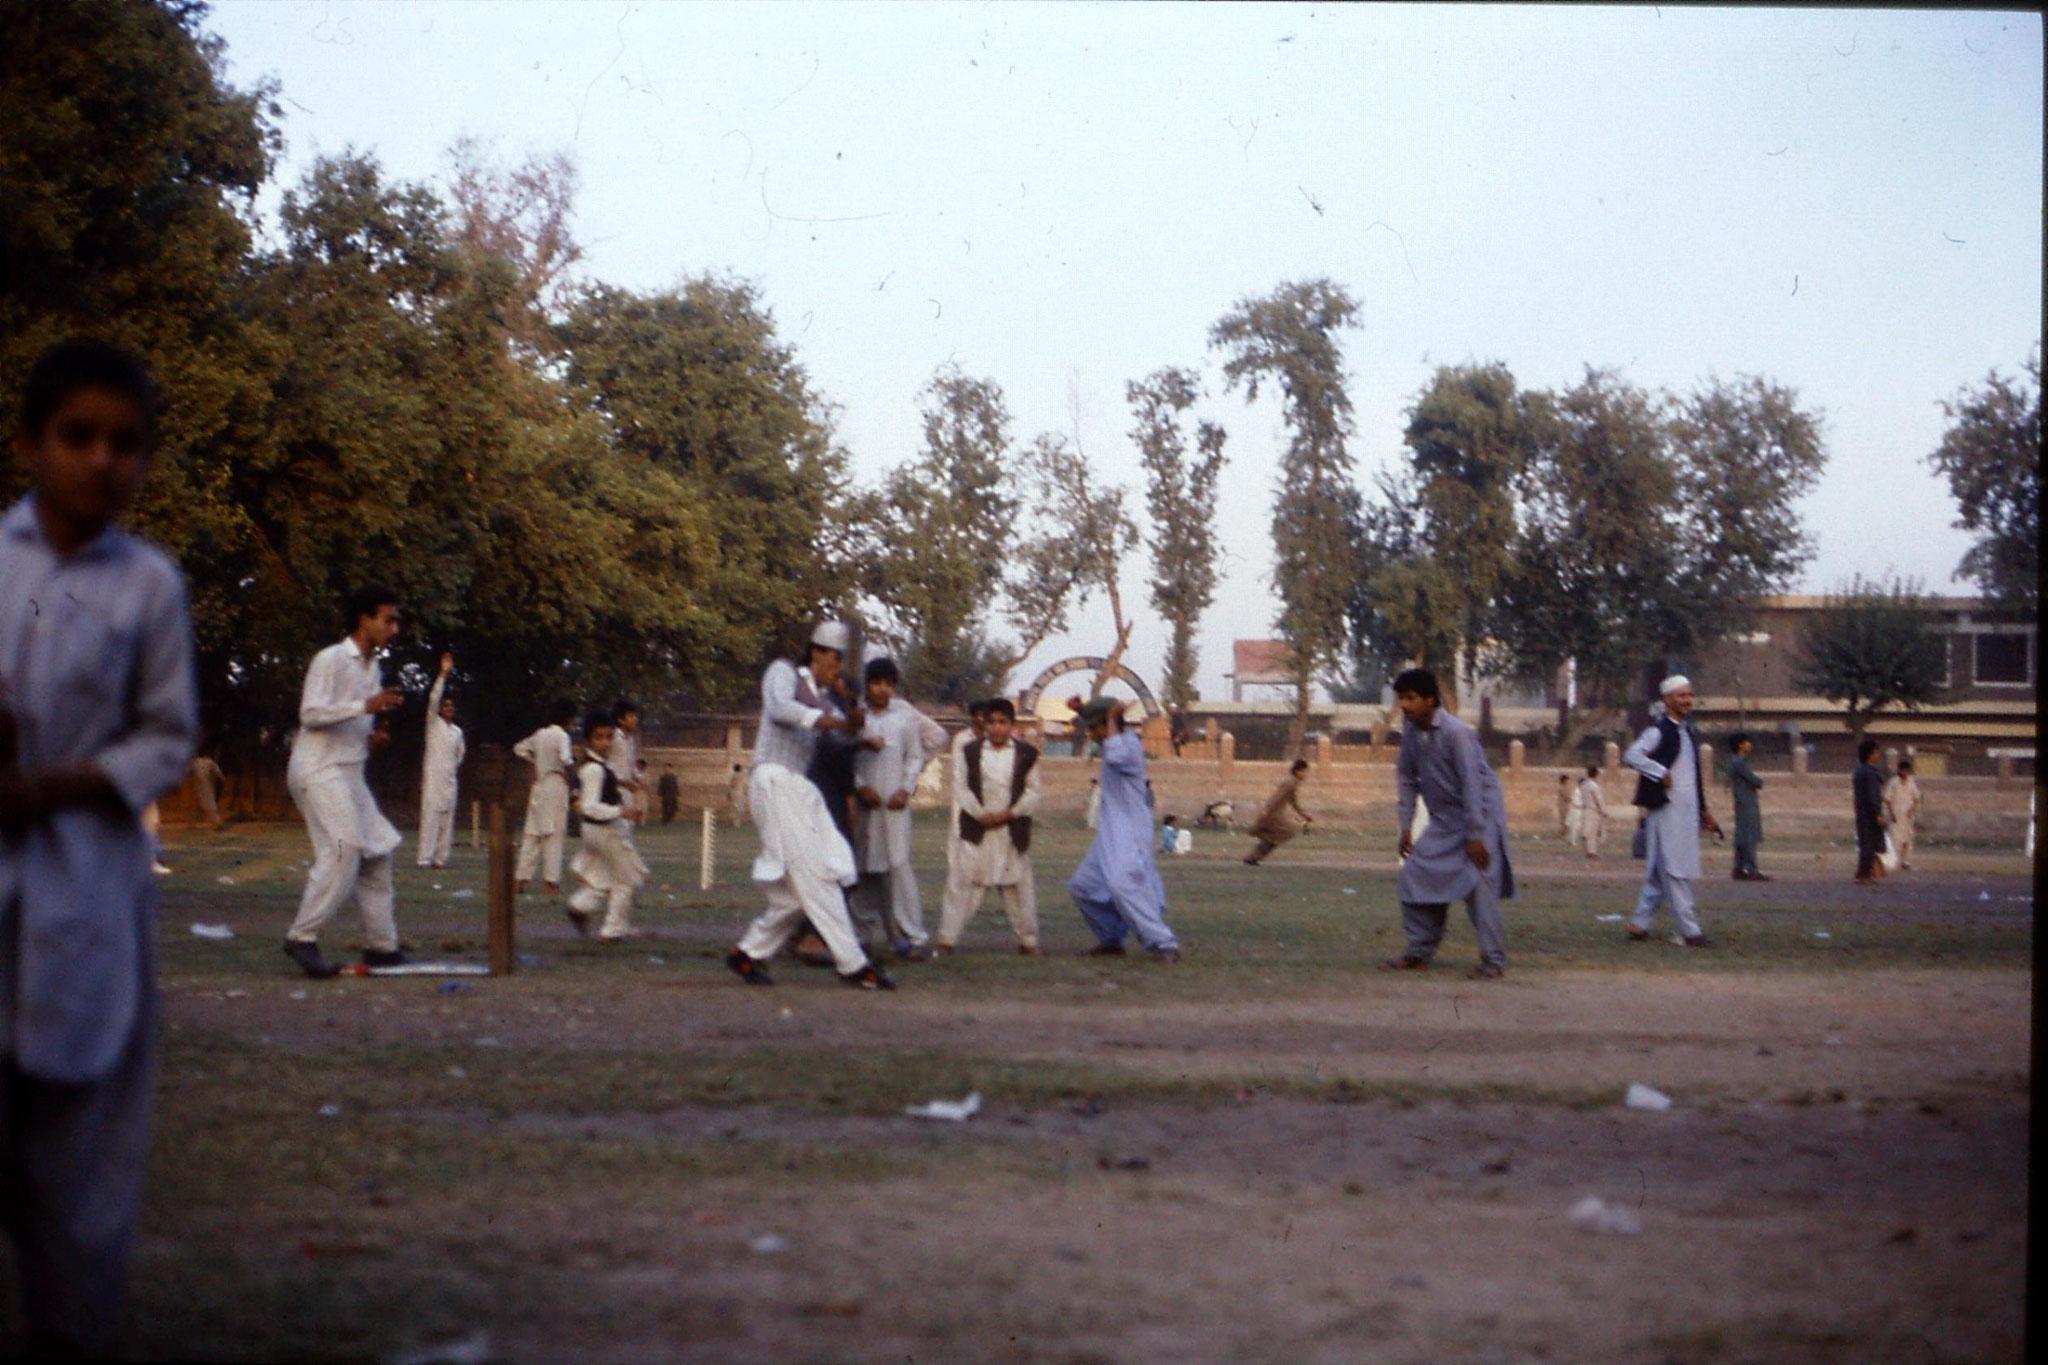 3/11/1989: 8: Peshawar, Wazir Barg